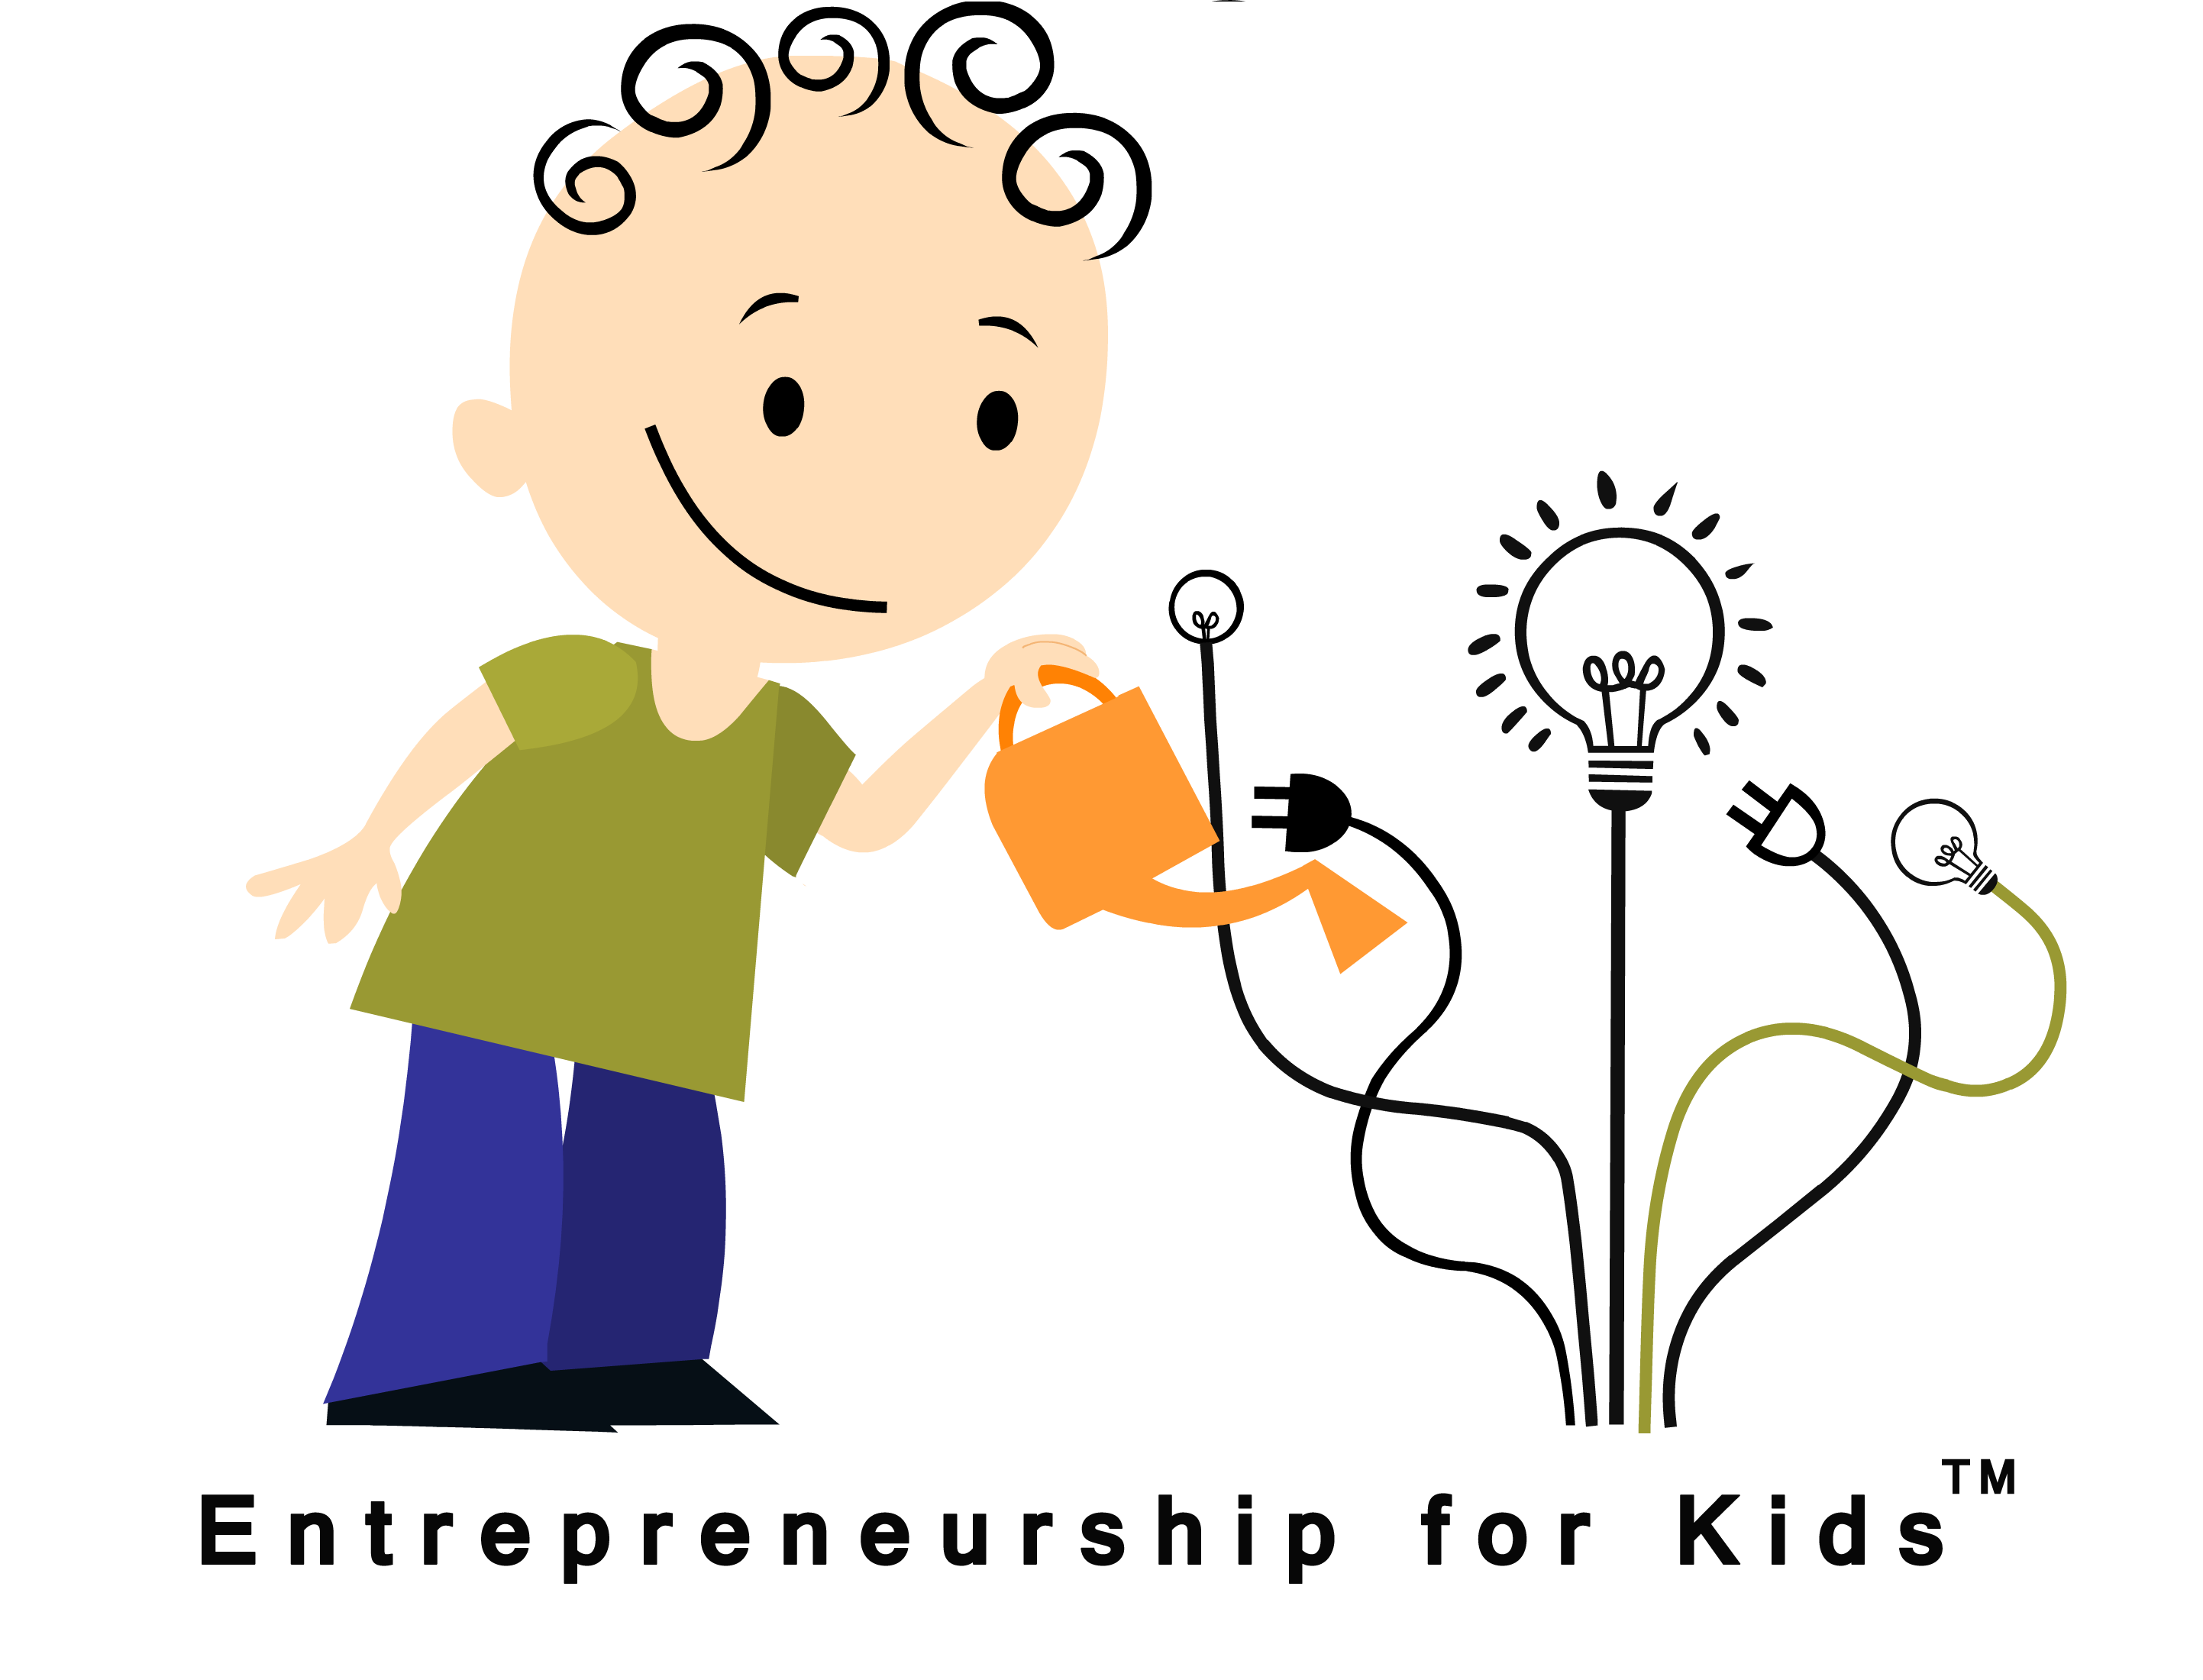 תכנית יזמות לילדים